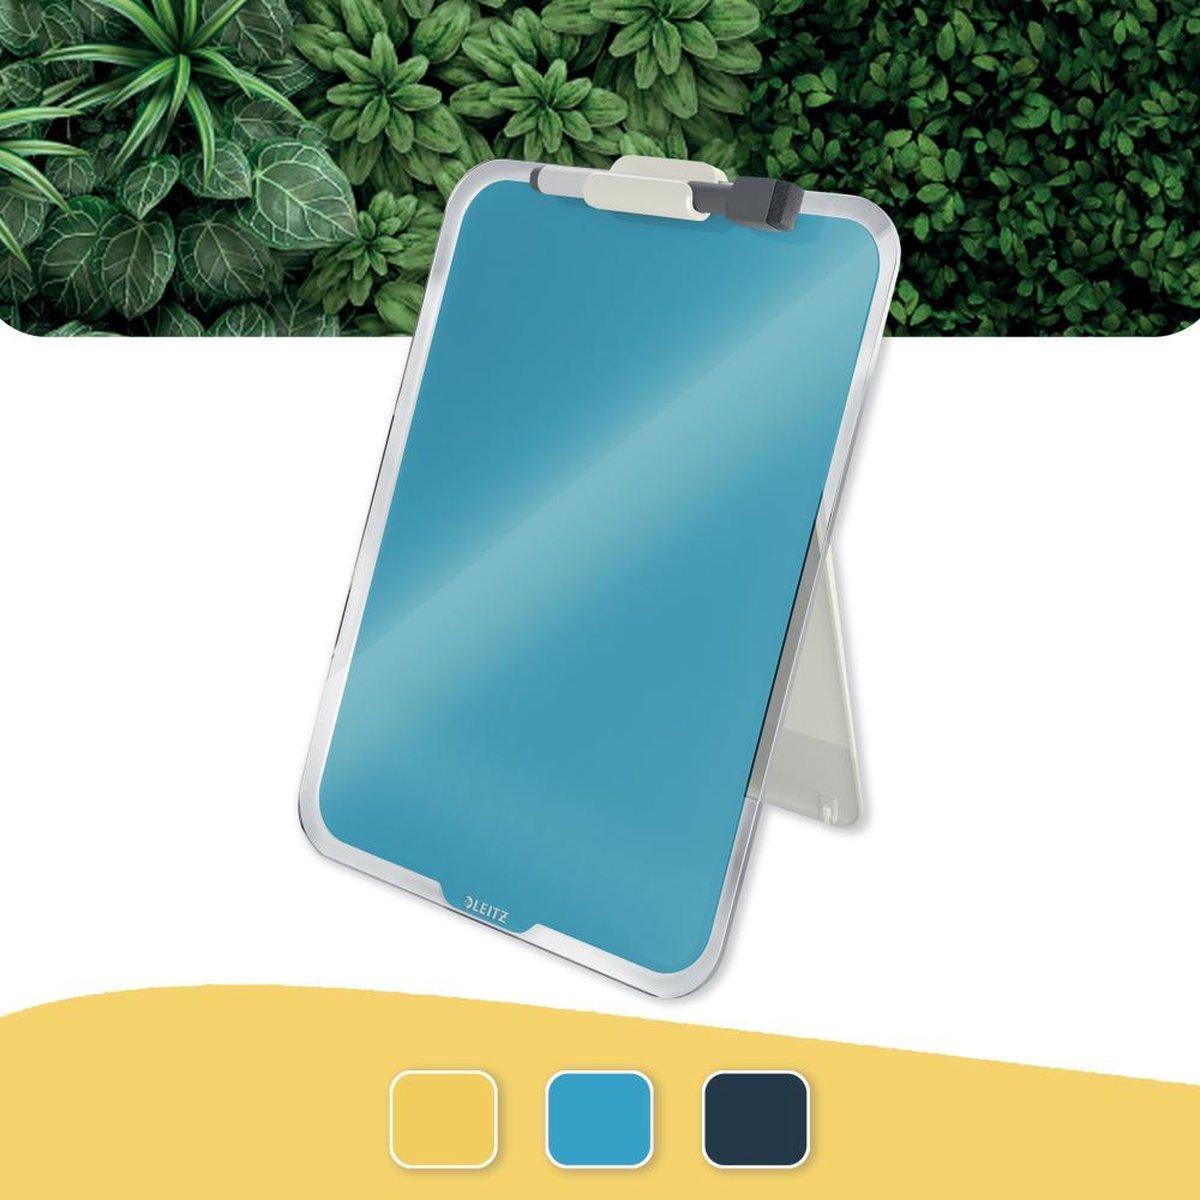 Leitz Cosy Beschrijfbare Glassboard Voor Bureau - Clipboard a4 Formaat - Glazen Memobord Inclusief Inclusief Pennenhouder En Minimarker Met Wisser - Sereen Blauw